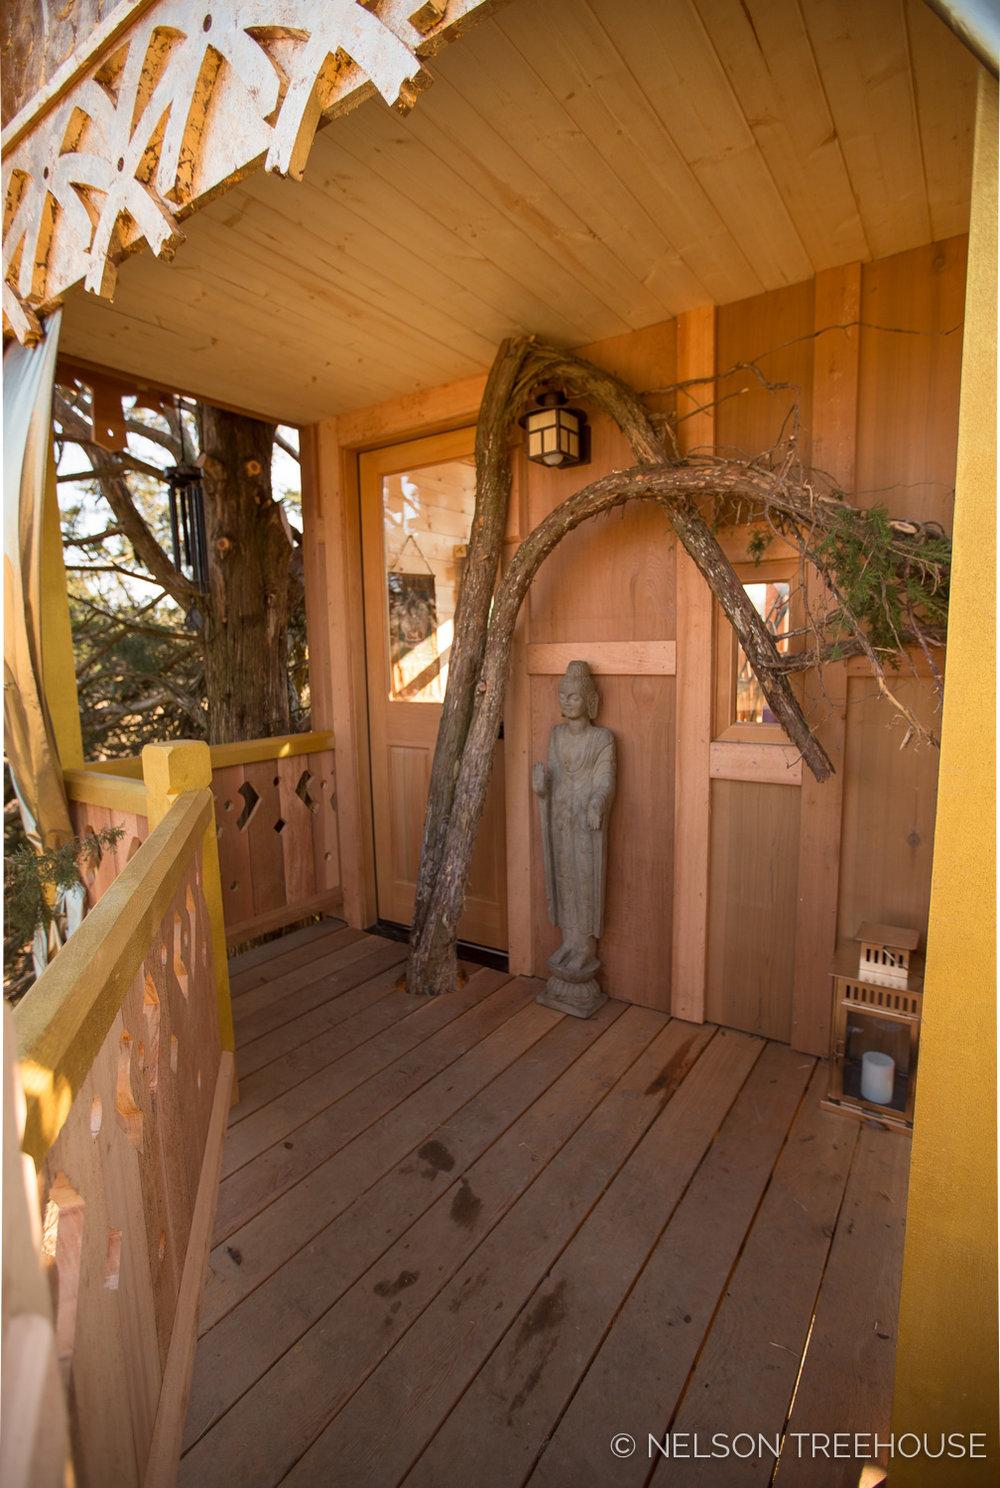 spirit-house-nelson-treehouse-2012-front-door.jpg